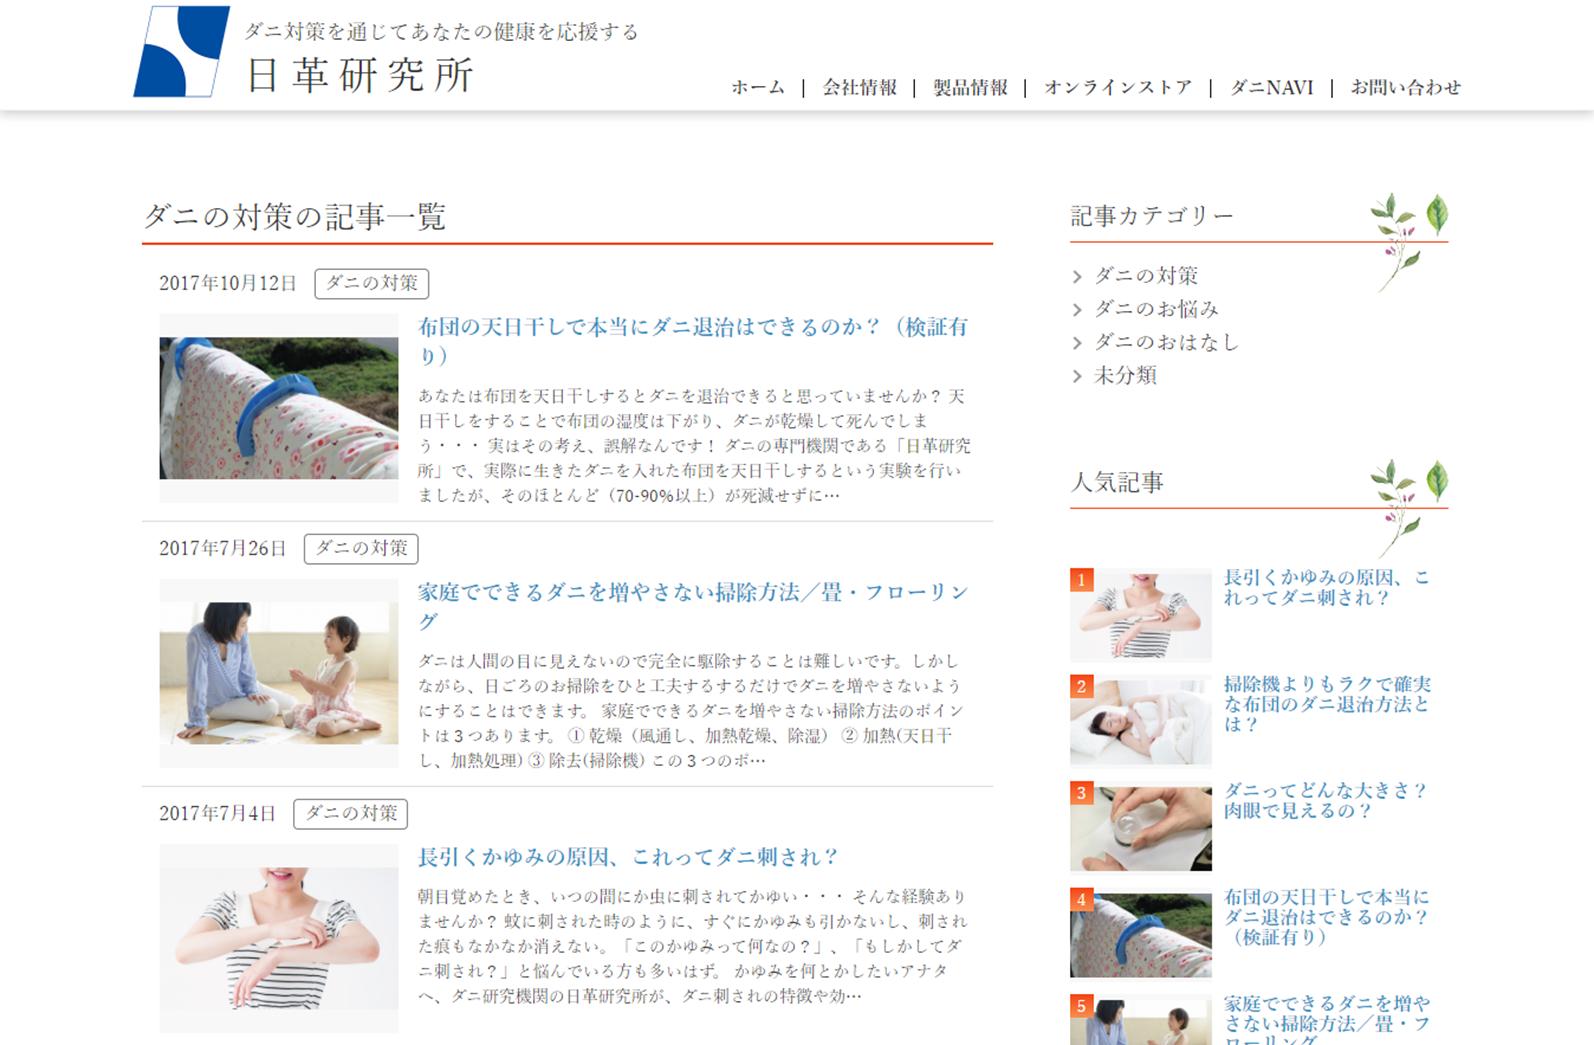 日革研究所 ダニ コンテンツ